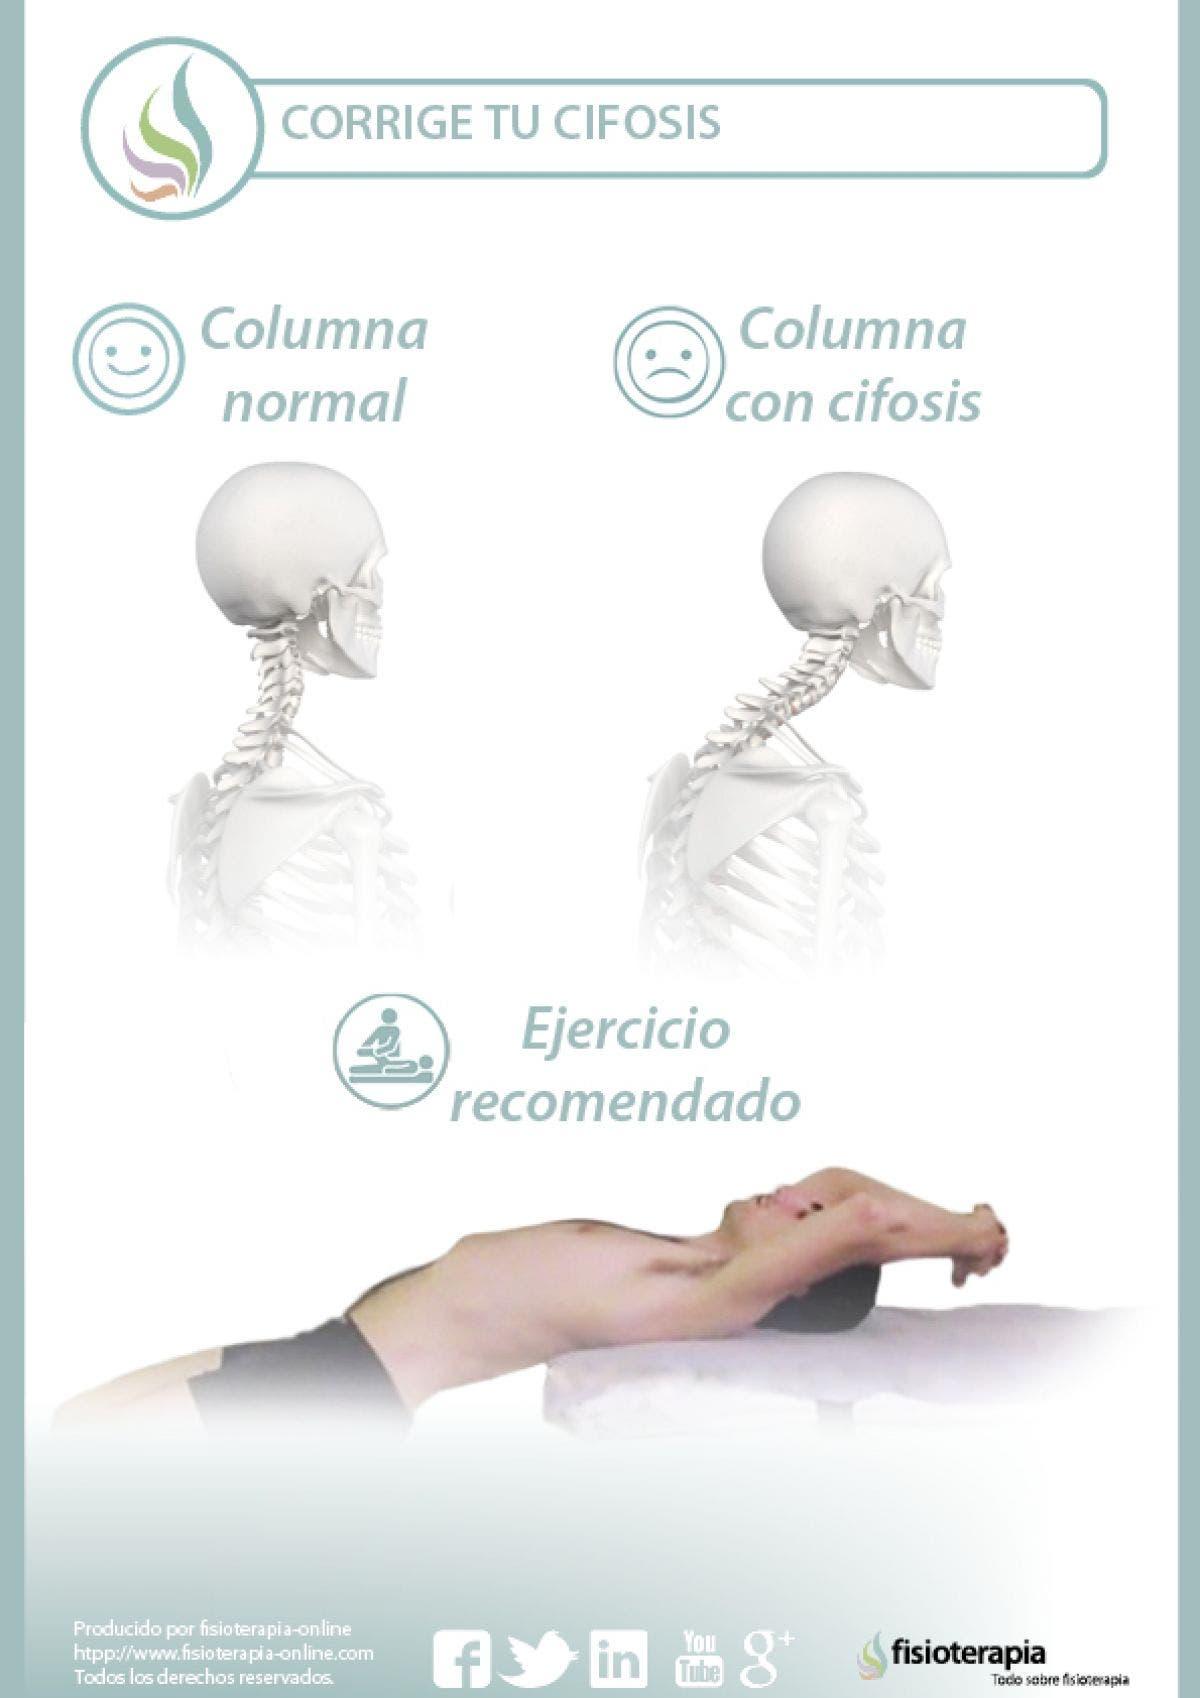 Corrige tu postura, corrige tu cifosis y mejora tus dolores de espalda